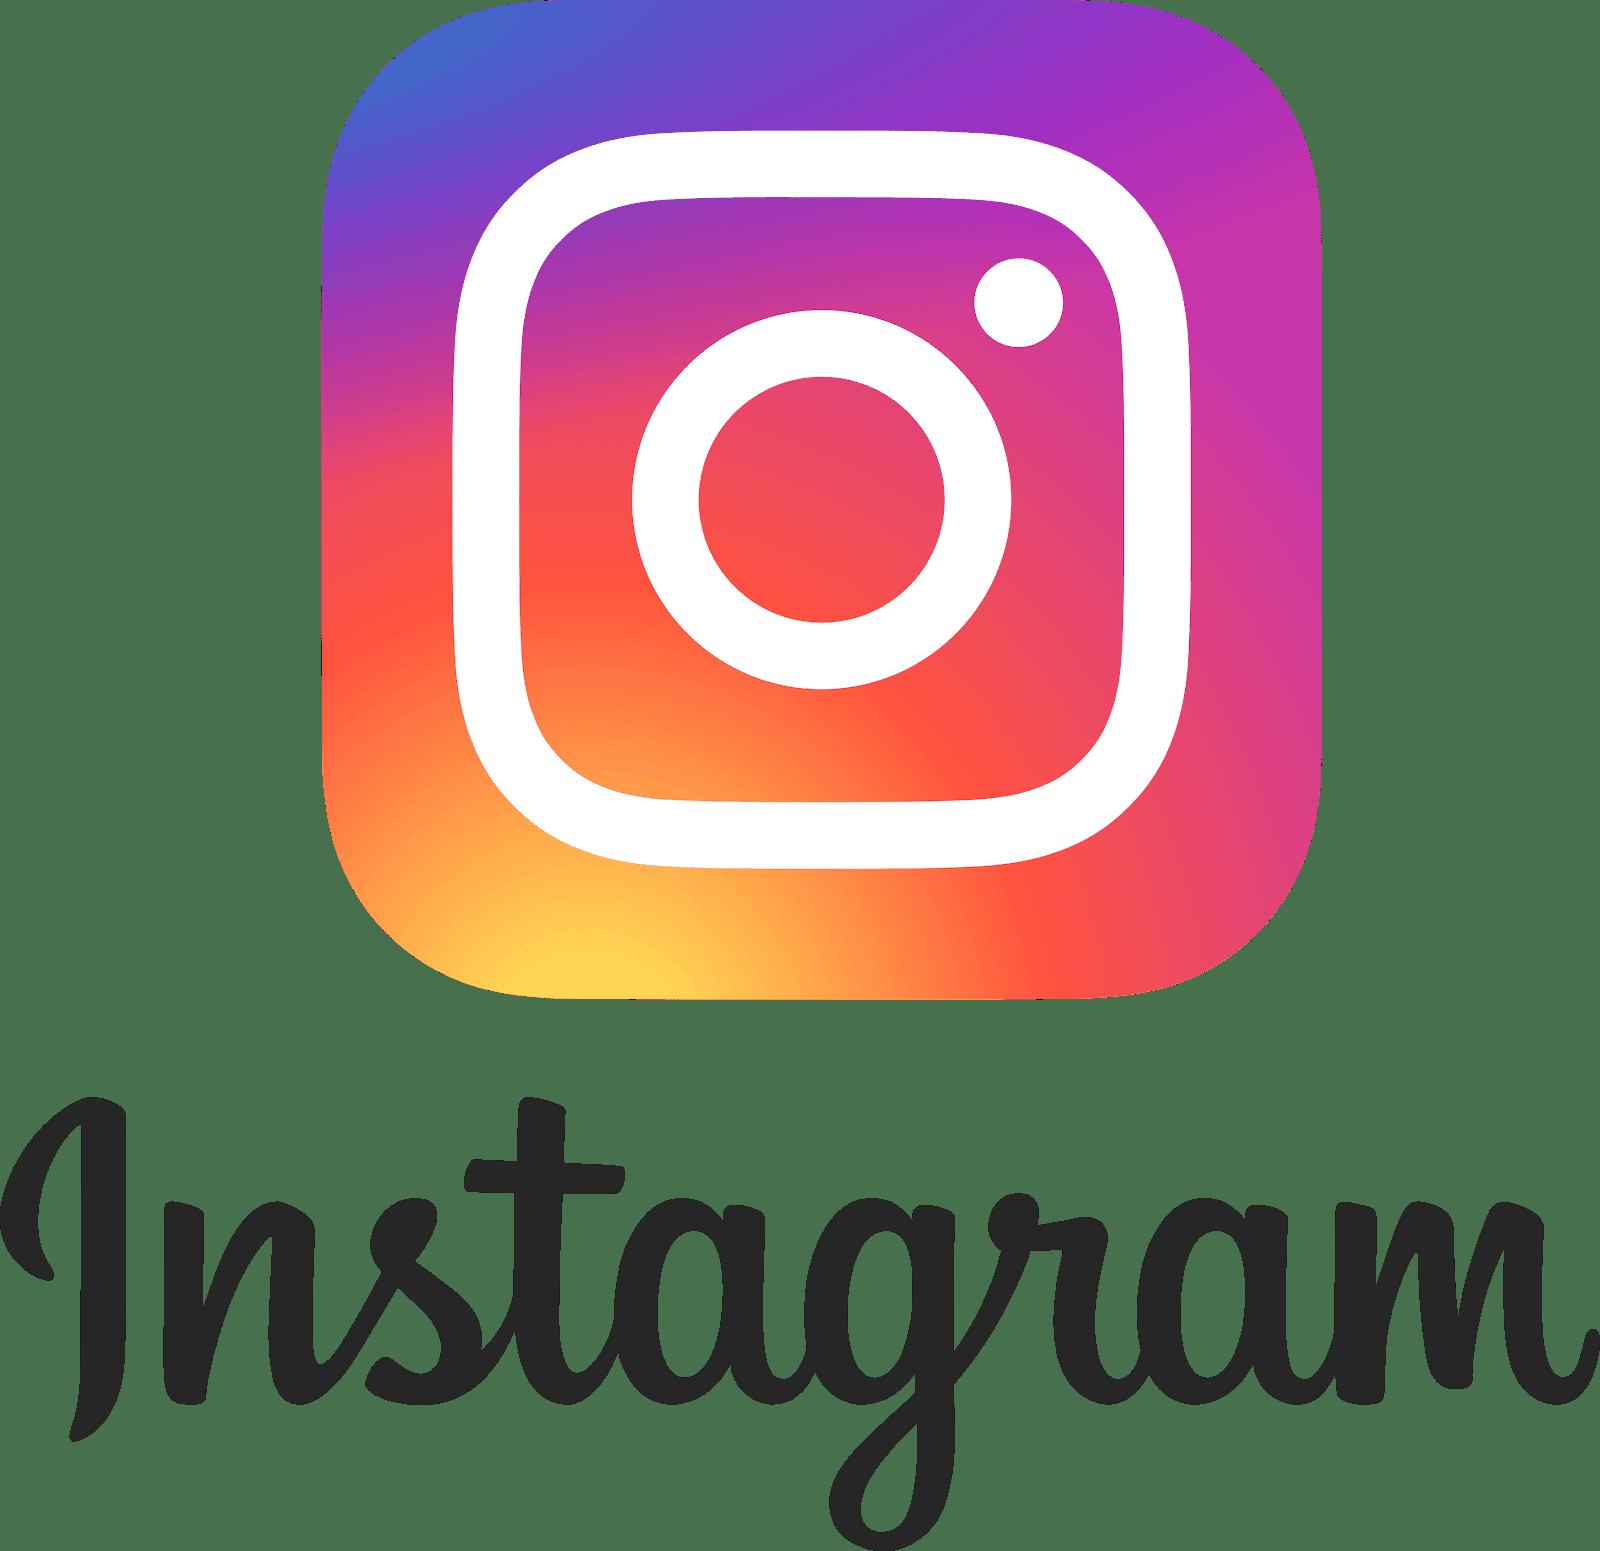 Sígueme en Instagram. Mi usuario es jesusoler